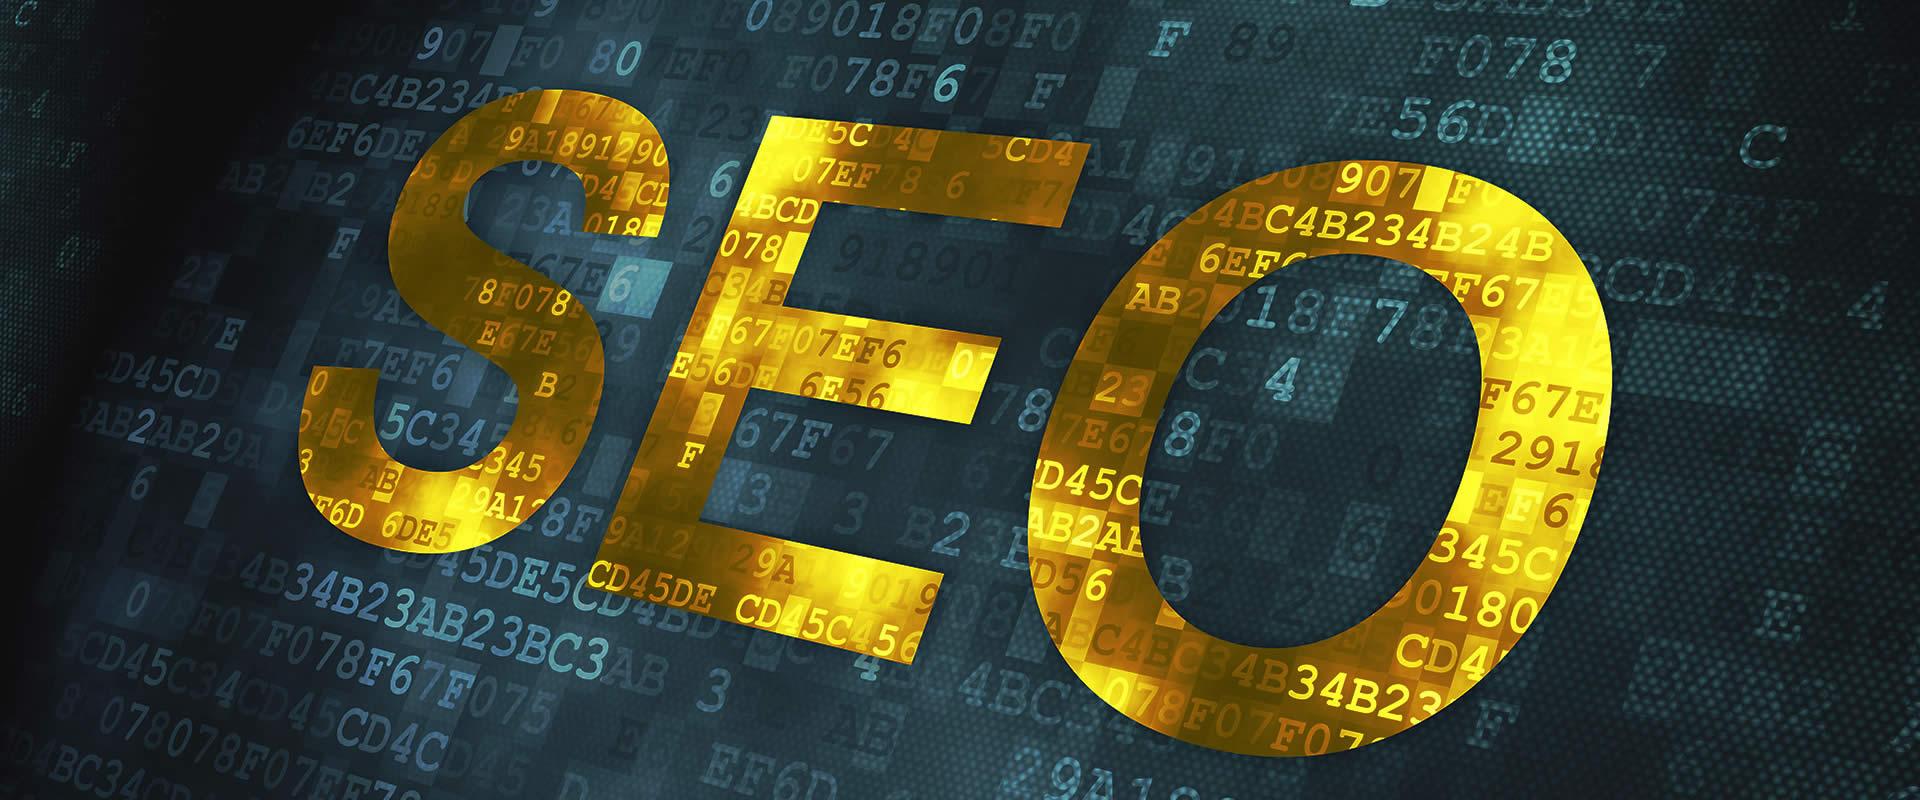 Sviluppo Piattaforme E-commerce Negozi Online